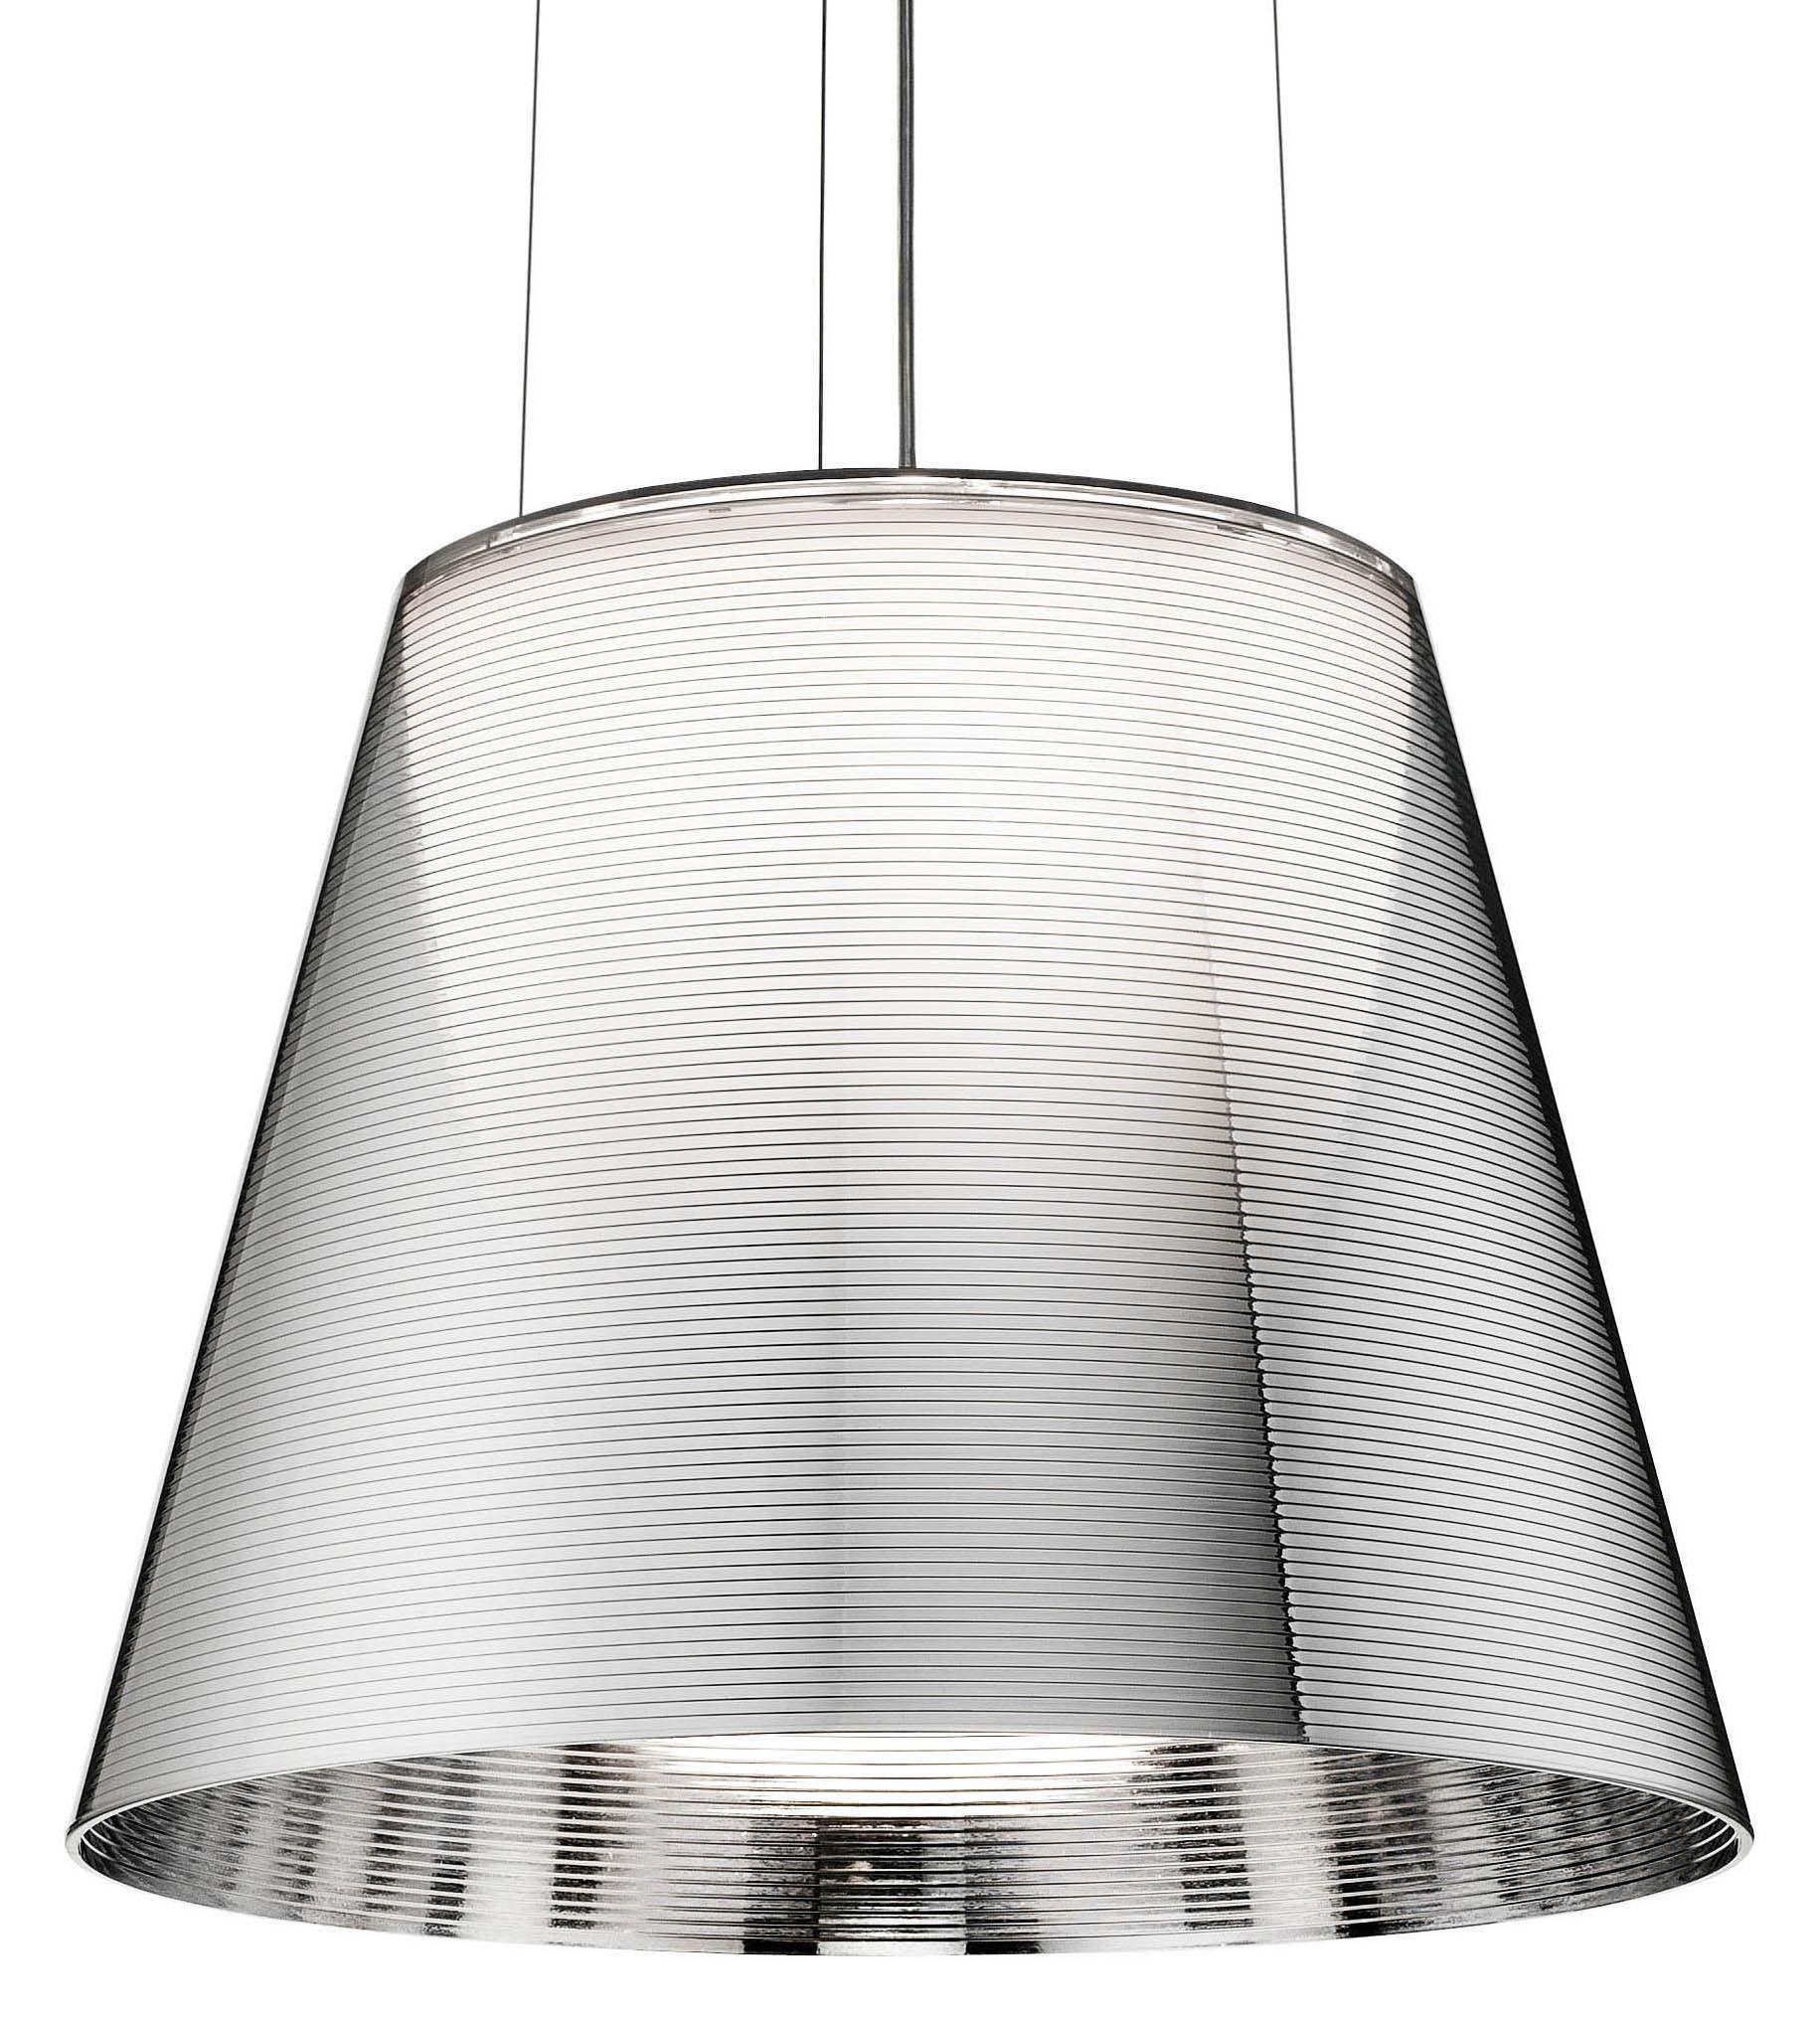 Illuminazione - Lampadari - Sospensione K Tribe S2 - Ø 39.5 cm di Flos - Argento metallizzato - PMMA